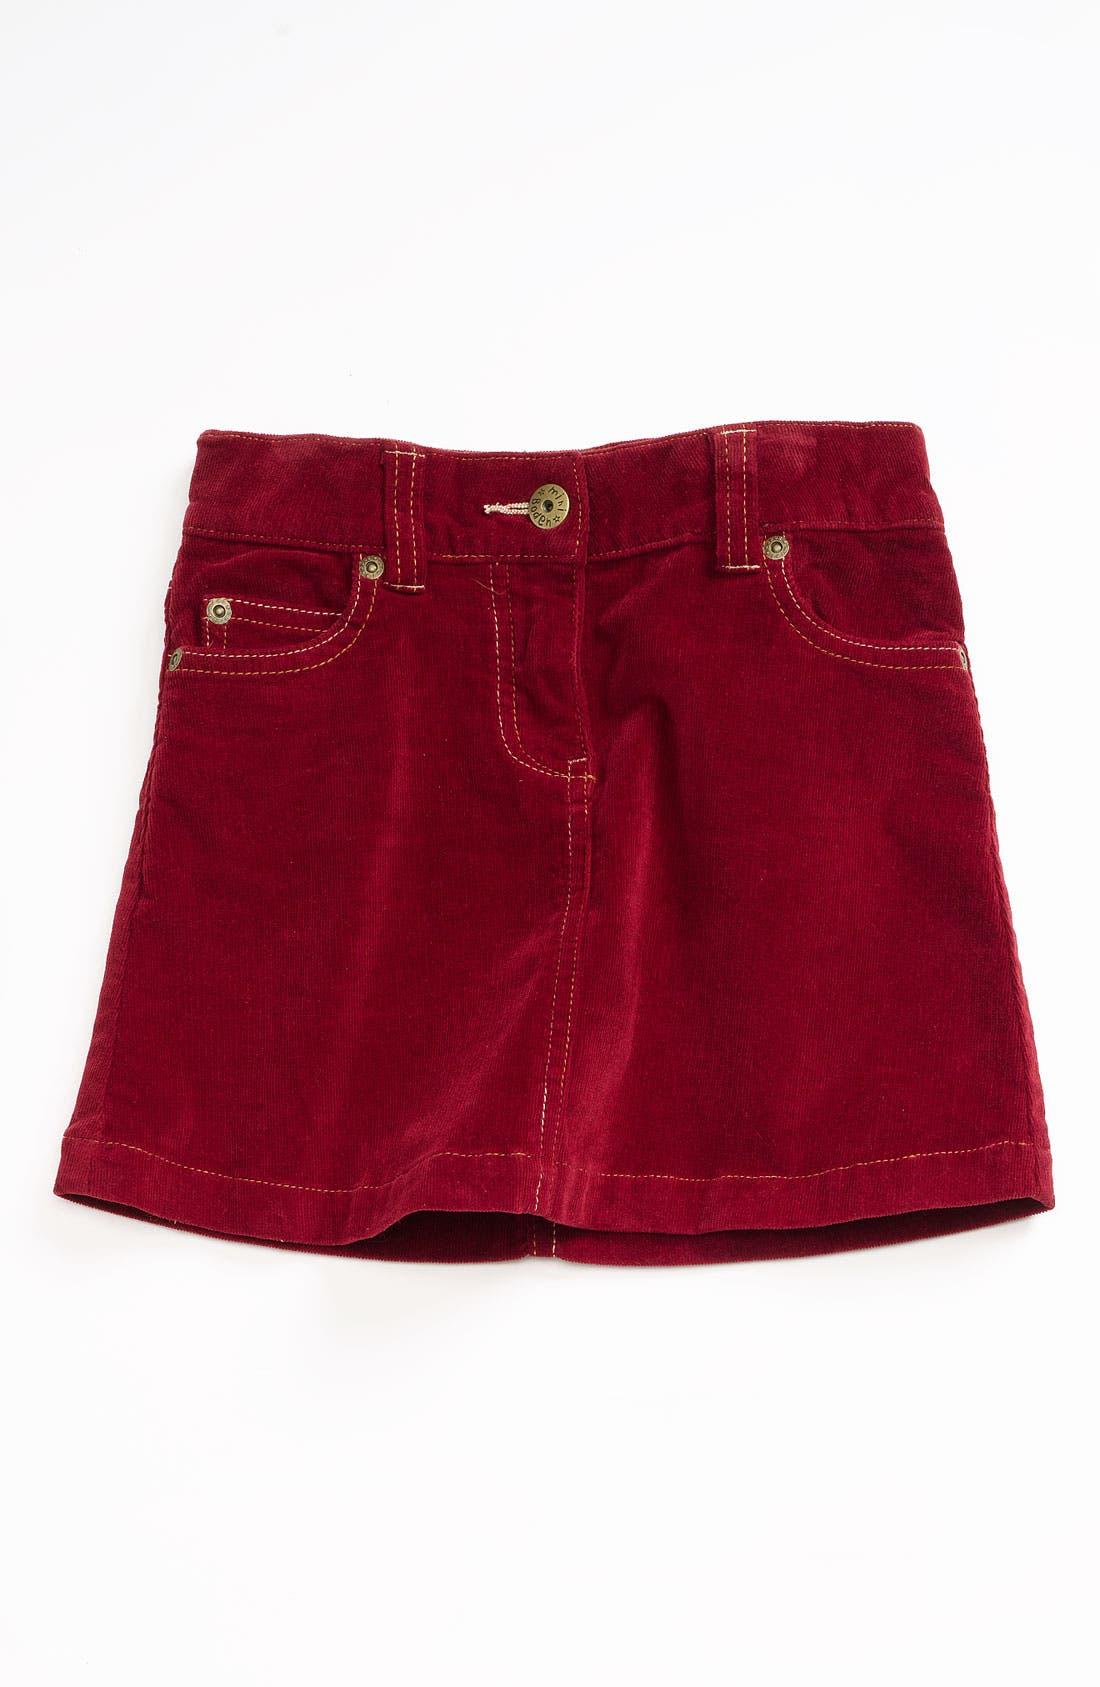 Alternate Image 1 Selected - Mini Boden Heart Pocket Jean Skirt (Toddler)